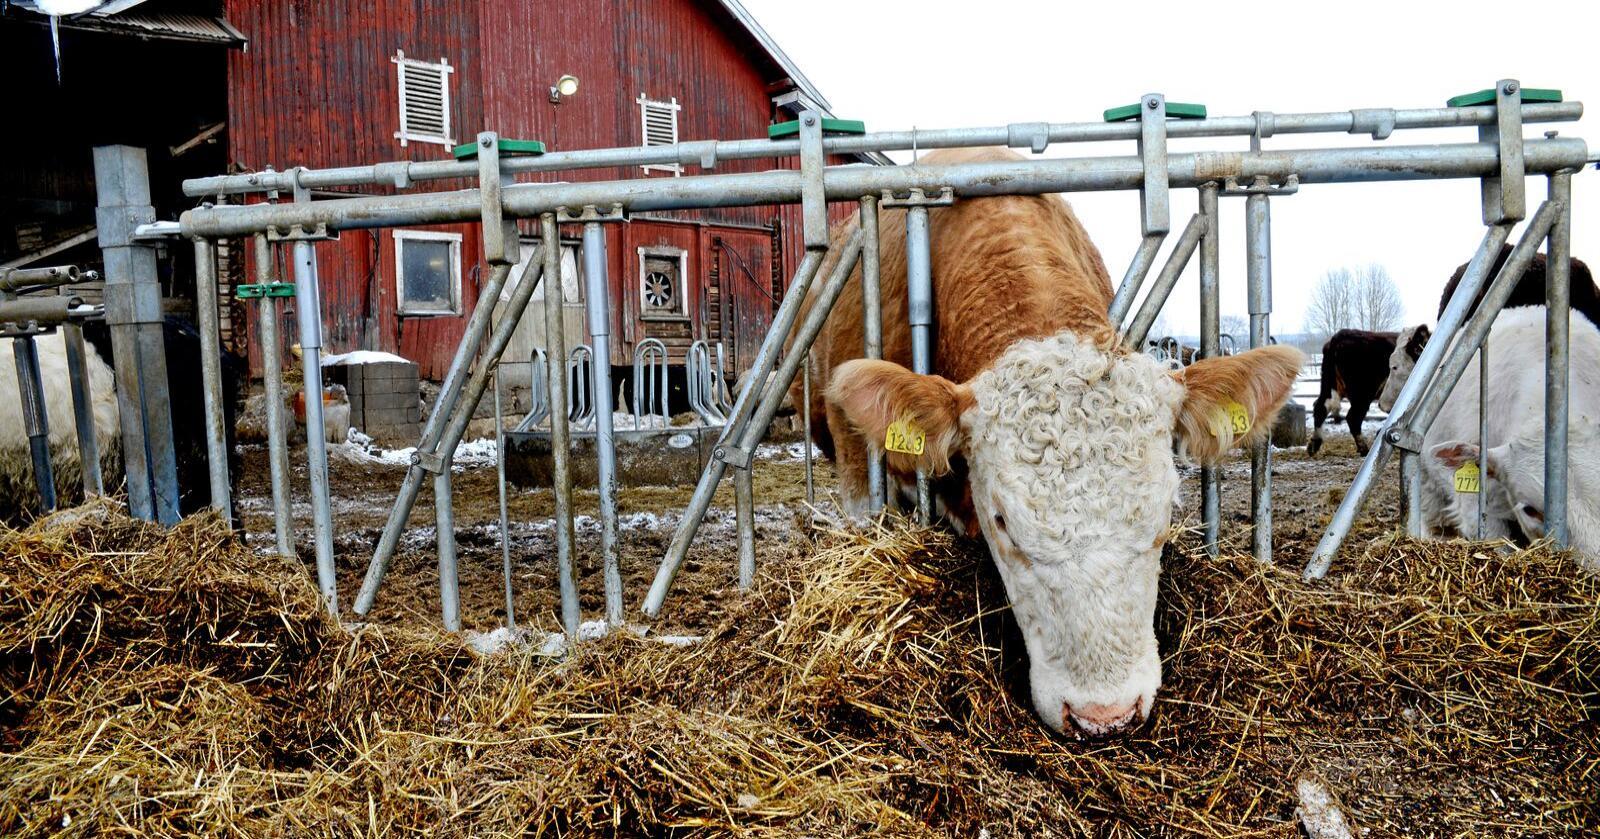 Husdyra er vår klart viktigste «matkapital» fra jordbruket, skriver innsenderne. Foto: Mariann Tvete